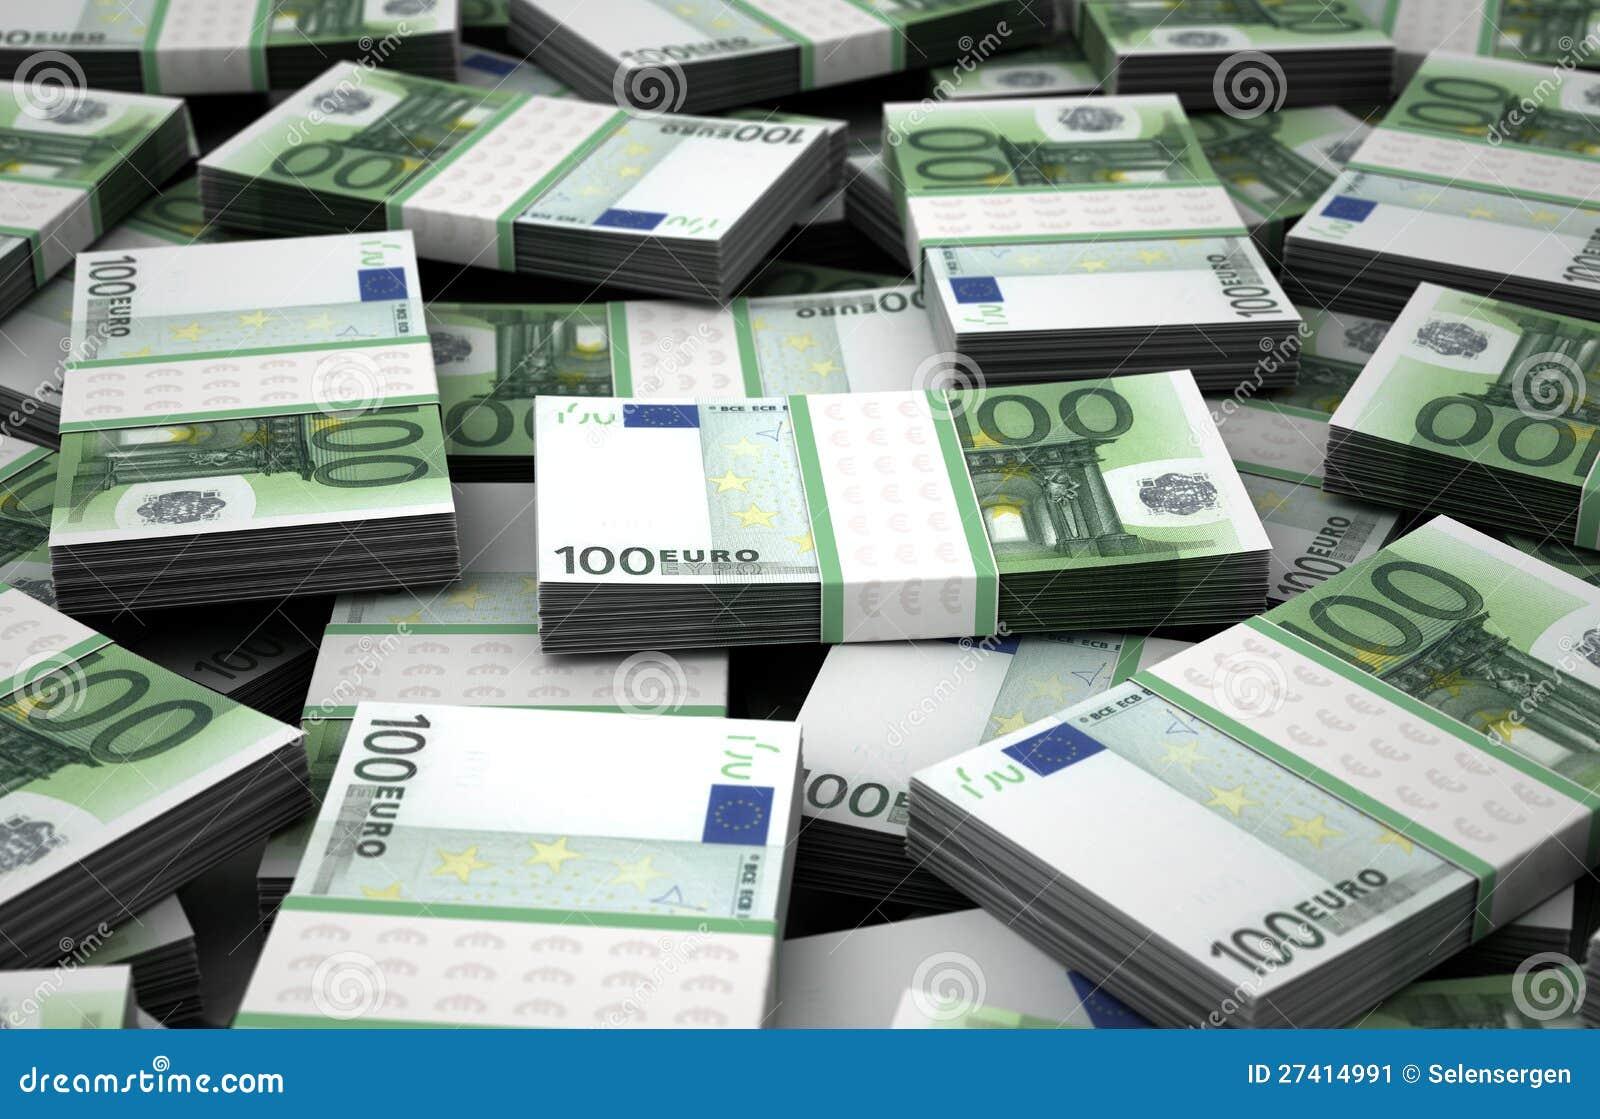 billion euros stock image image 27414991. Black Bedroom Furniture Sets. Home Design Ideas